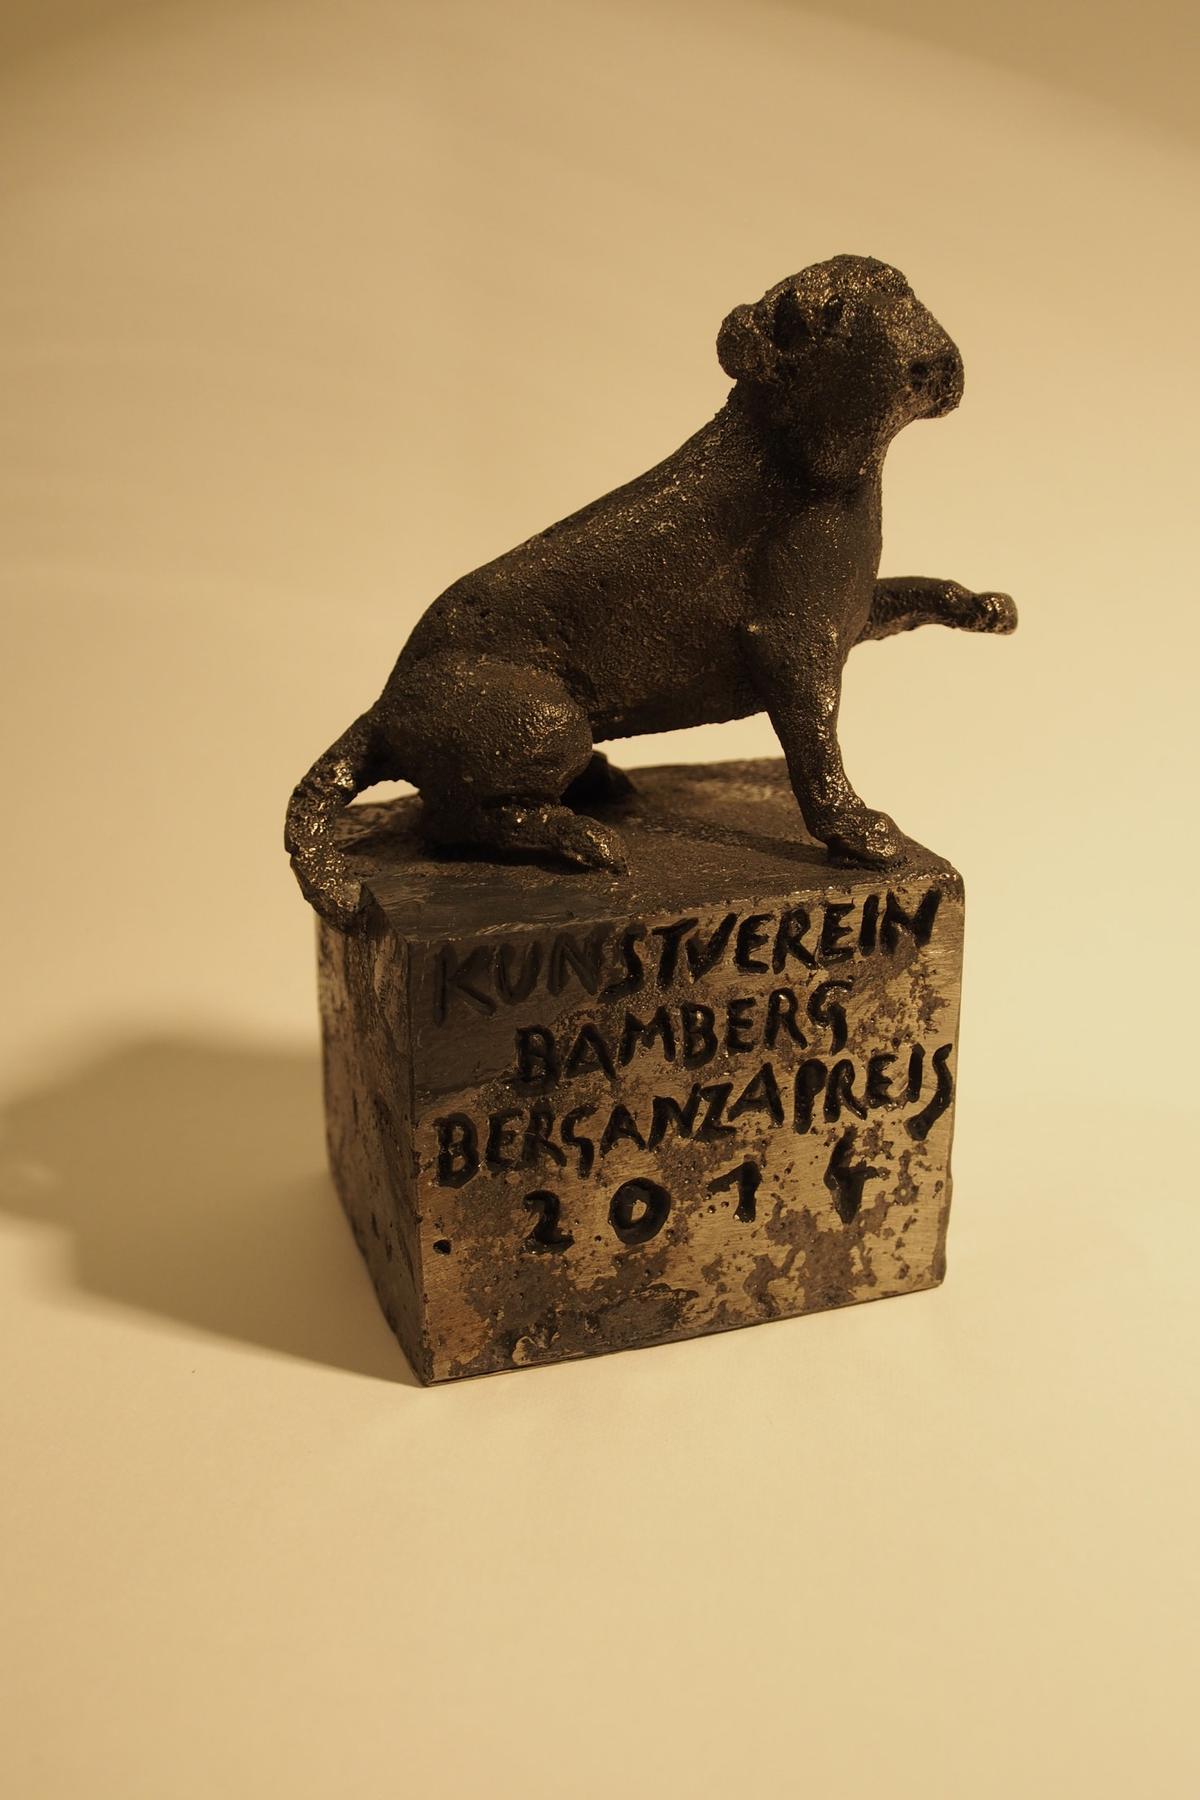 Bamberg - E.T.A. Hoffmann und ein sprechender Hund!